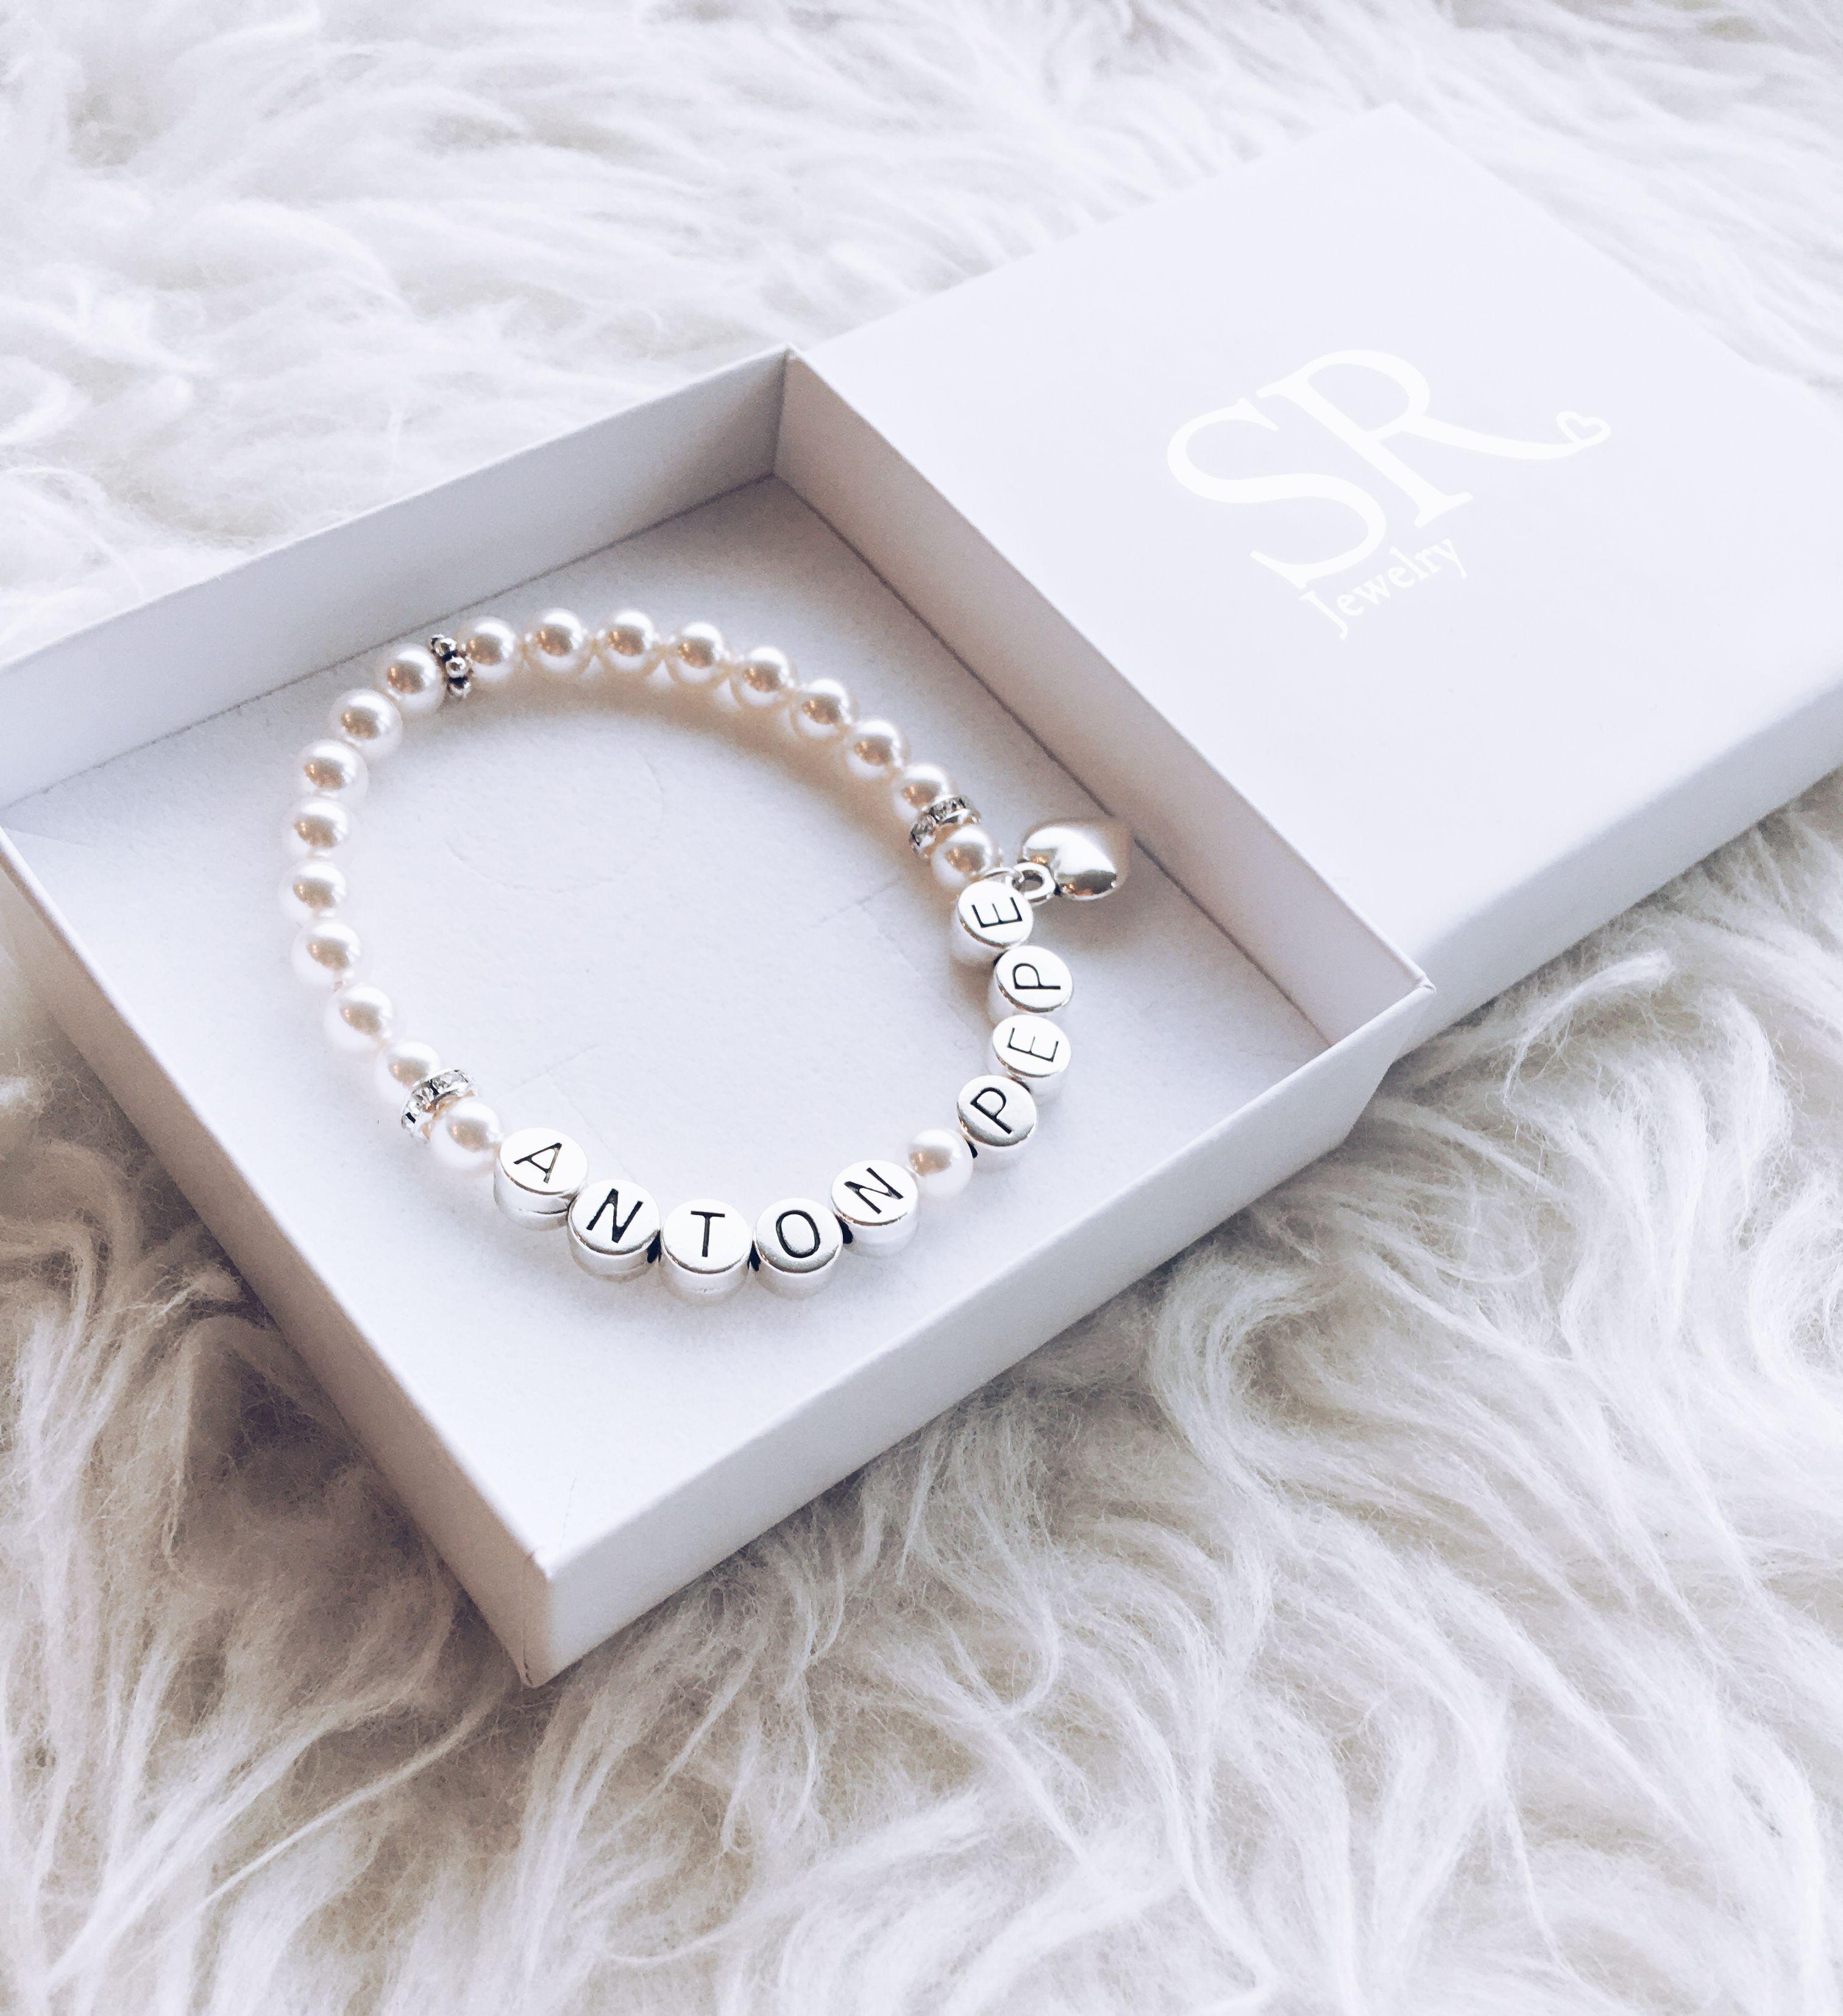 Armband Mit Namen Von Kindern In 2020 Armband Mit Namen Muttertag Geschenke Zur Geburt